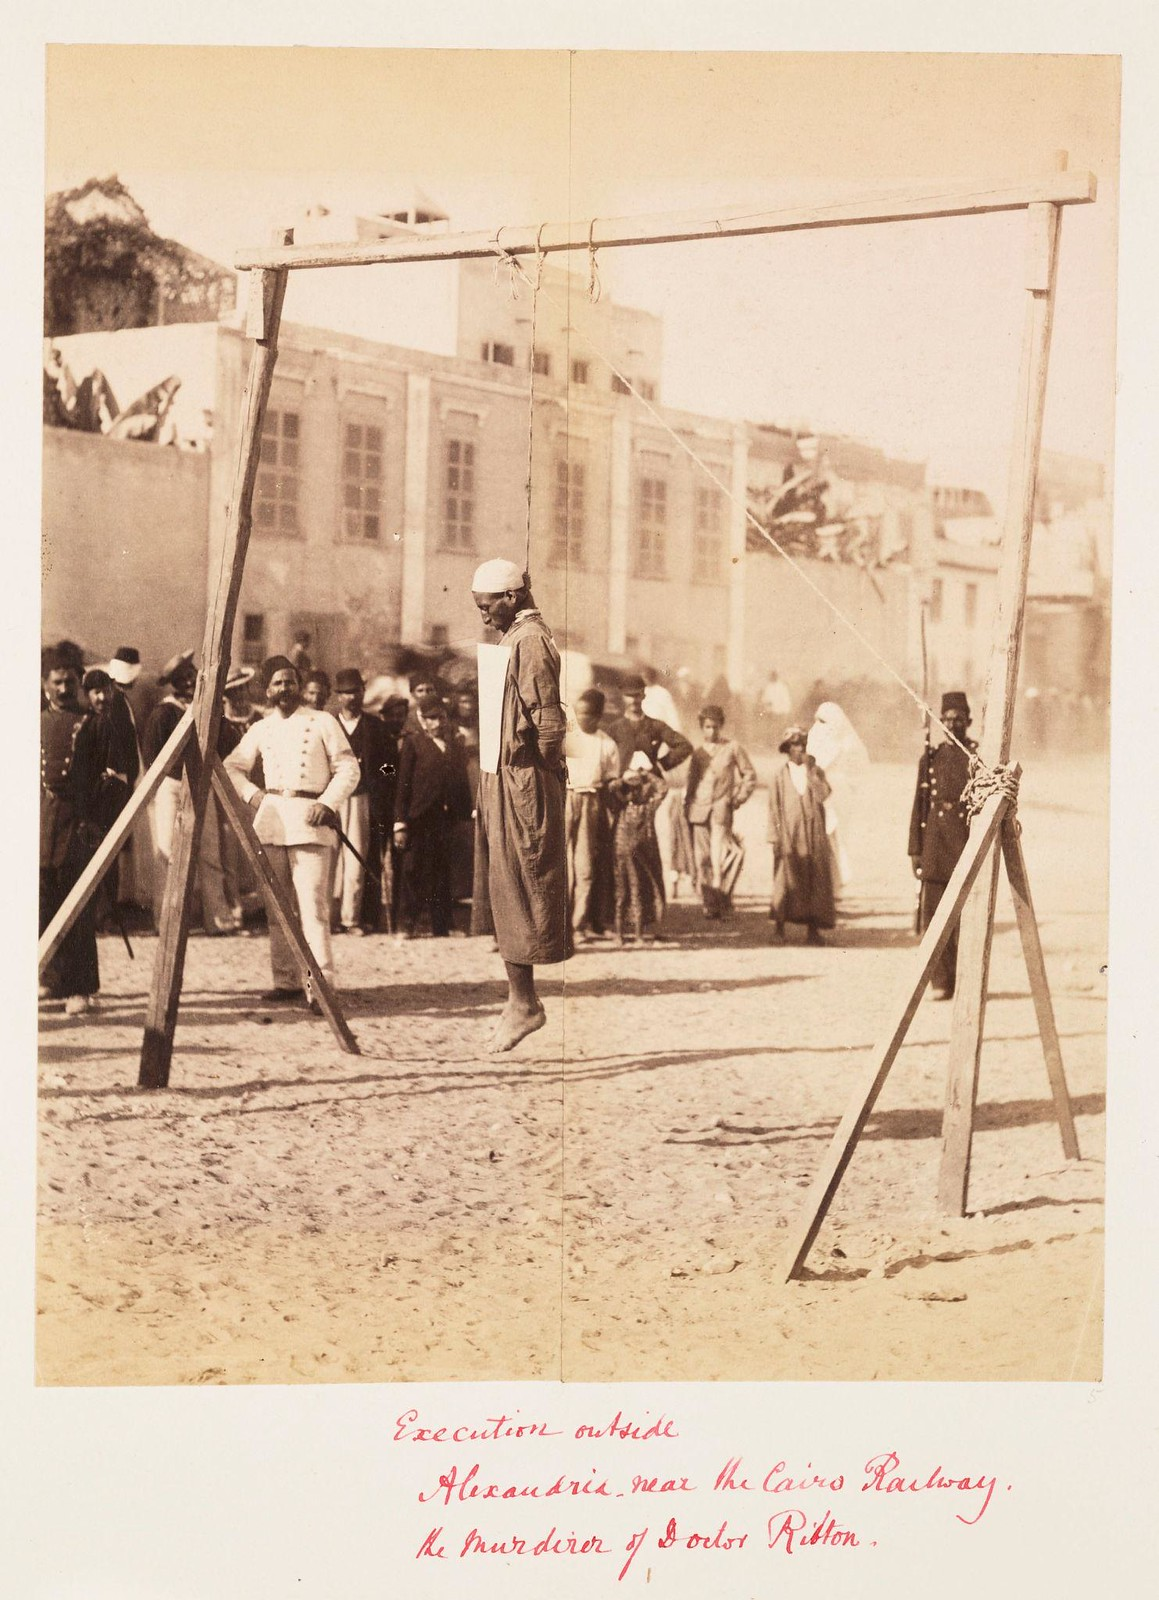 03. Публичная казнь возле железнодорожного вокзала в Александрии